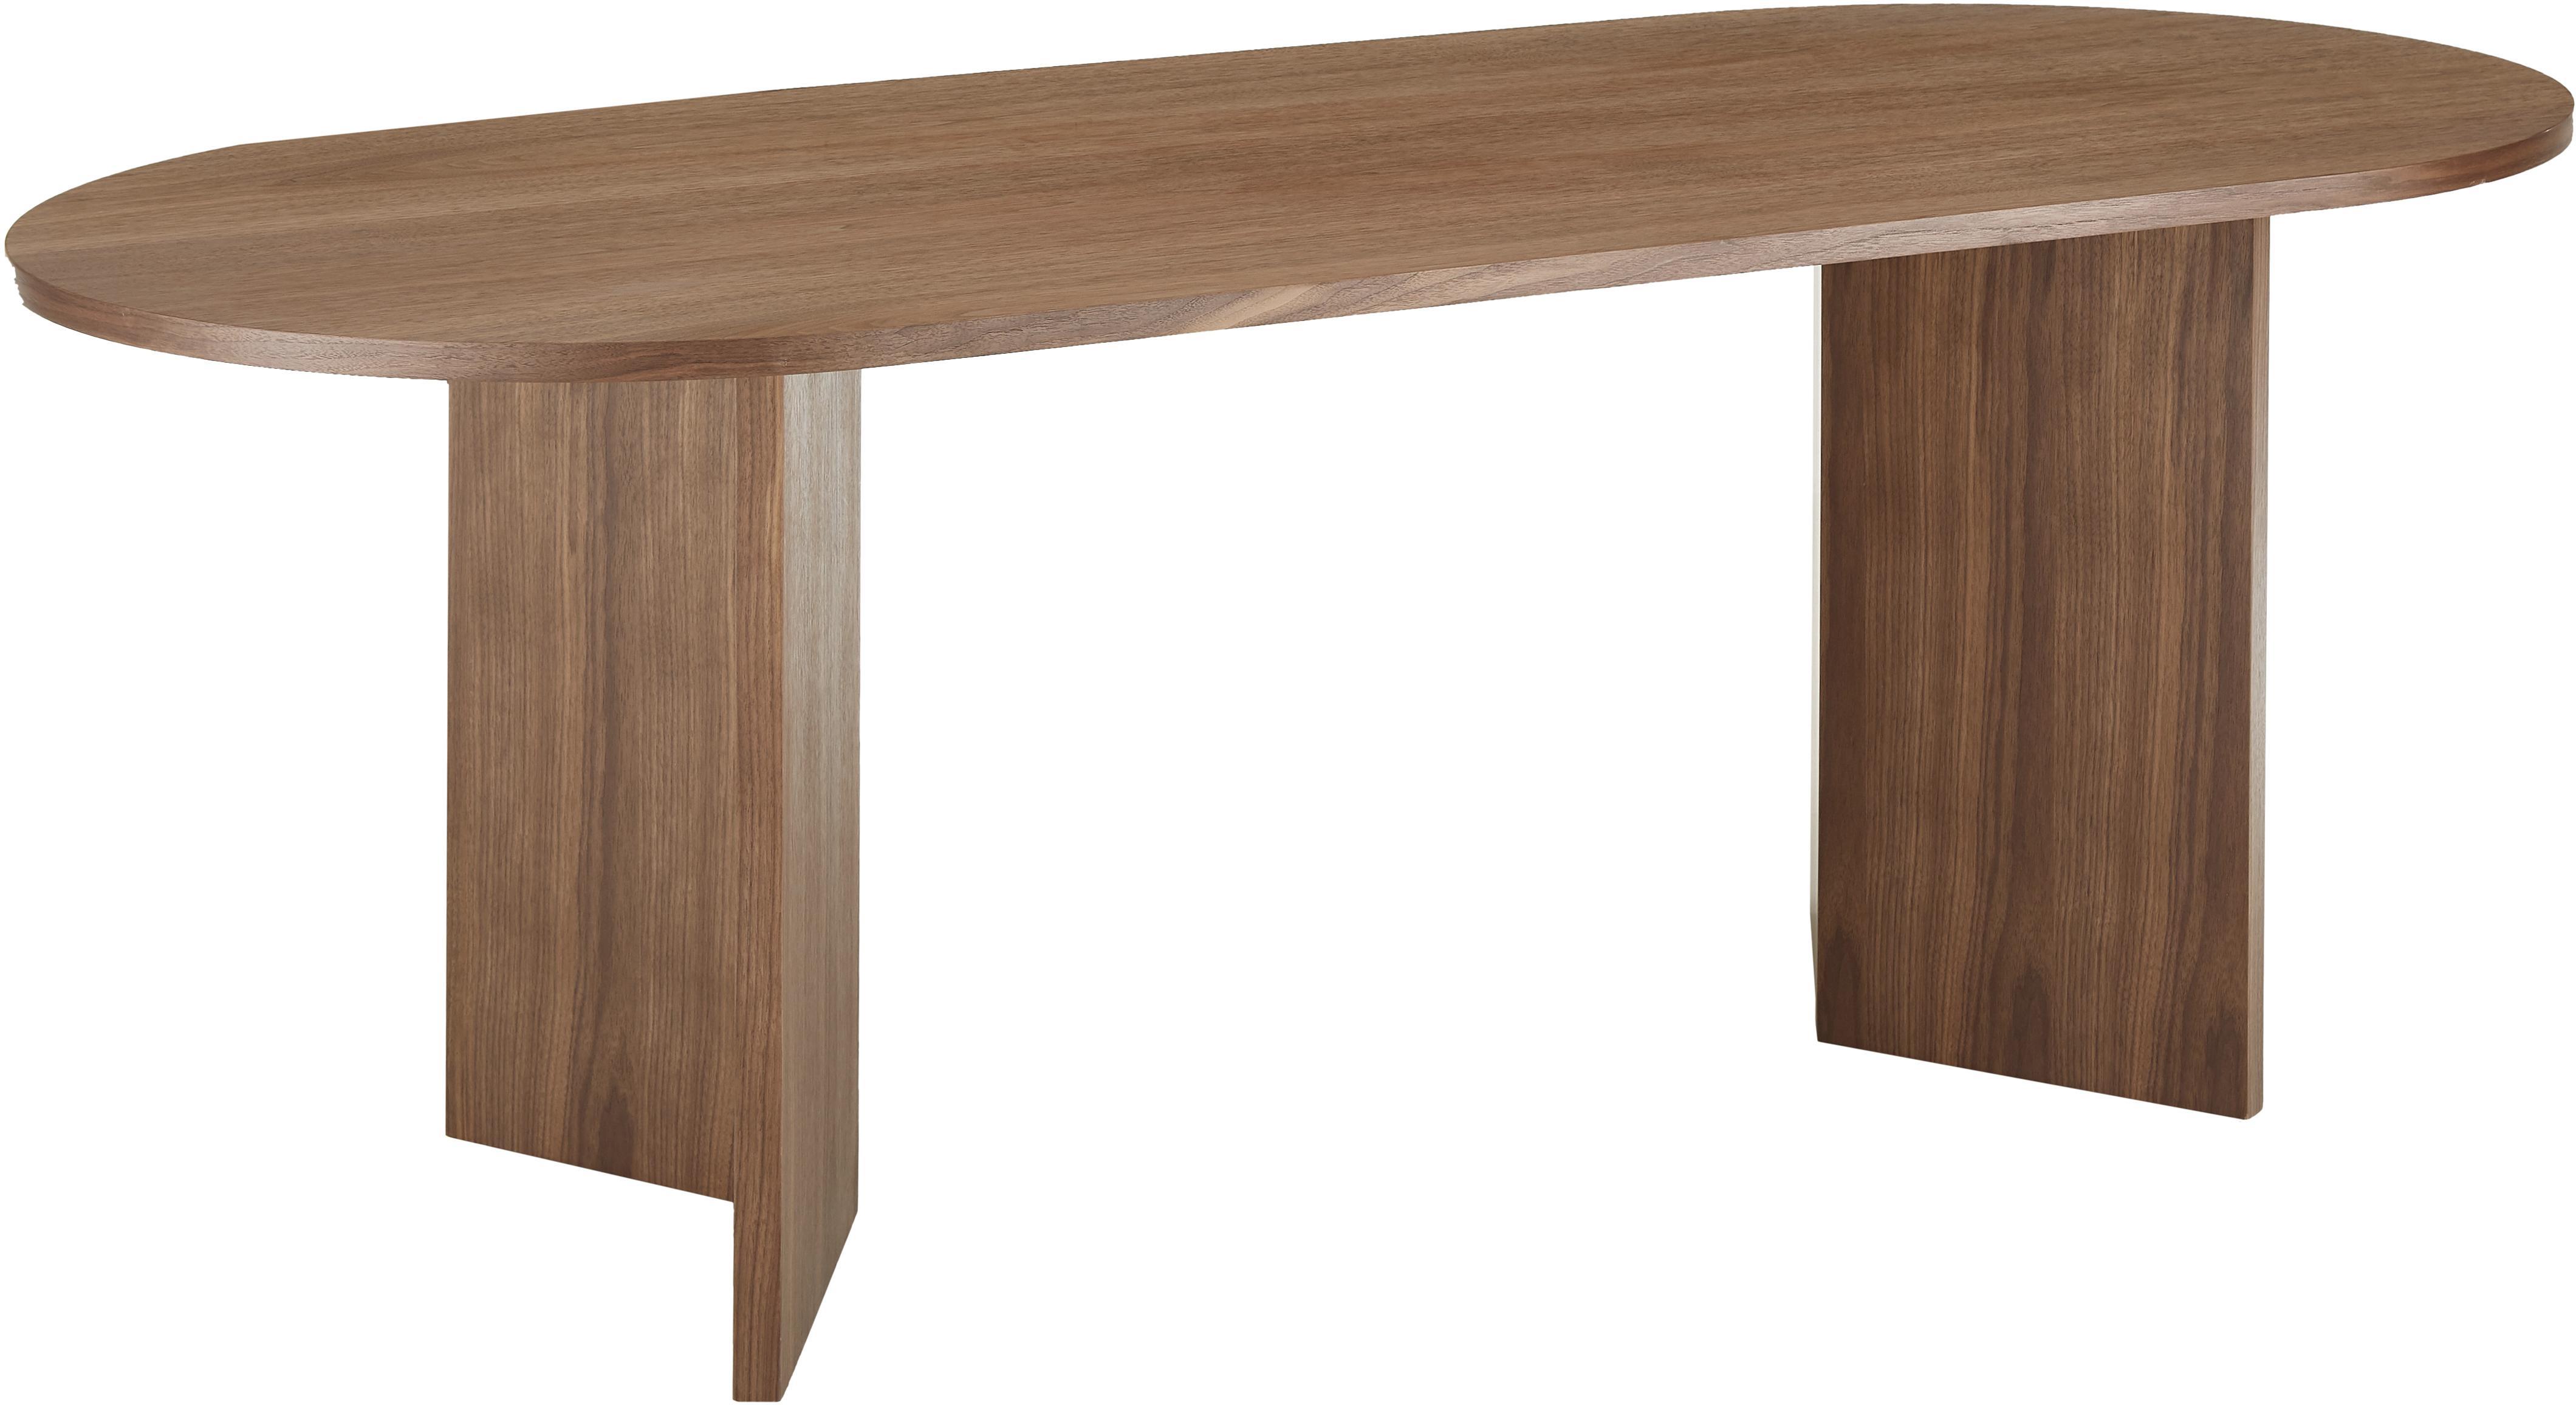 Owalny stół do jadalni z drewna Joni, Płyta pilśniowa średniej gęstości (MDF) z fornirem z drewna orzechowego, lakierowana, Fornir z drewna orzechowego, S 200 x G 90 cm